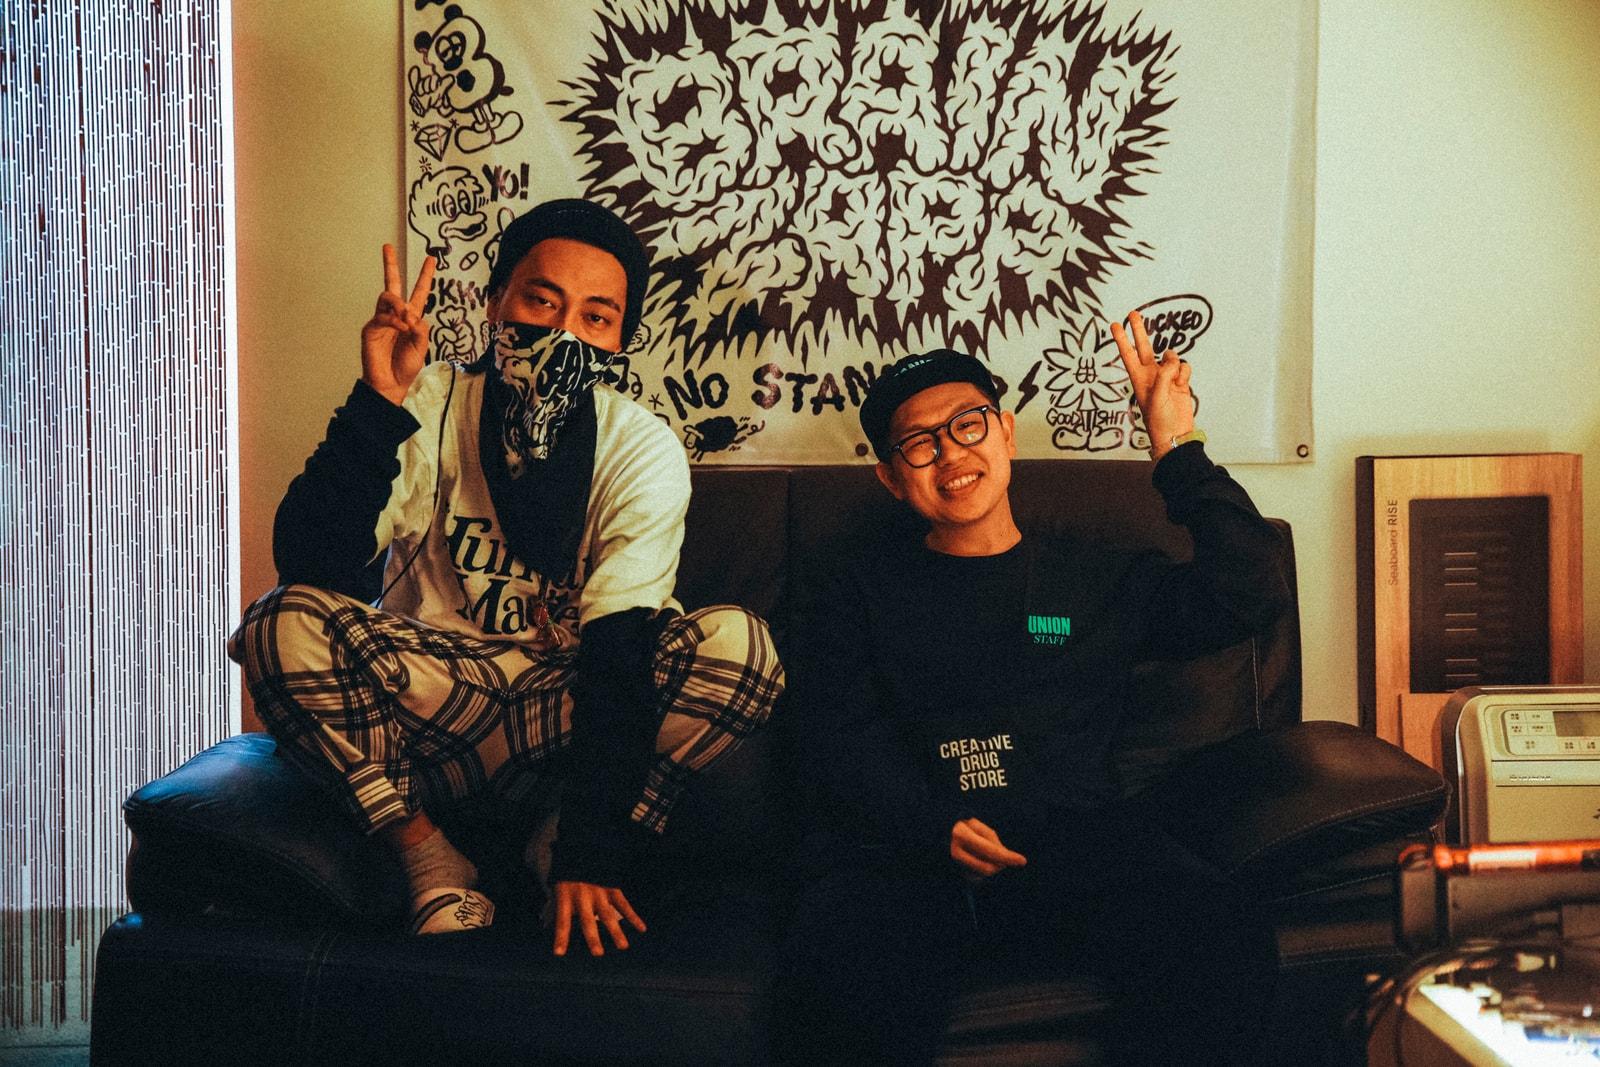 「唯有堅持才有機會」專訪 Verdy 和他的台灣好友|City Sound